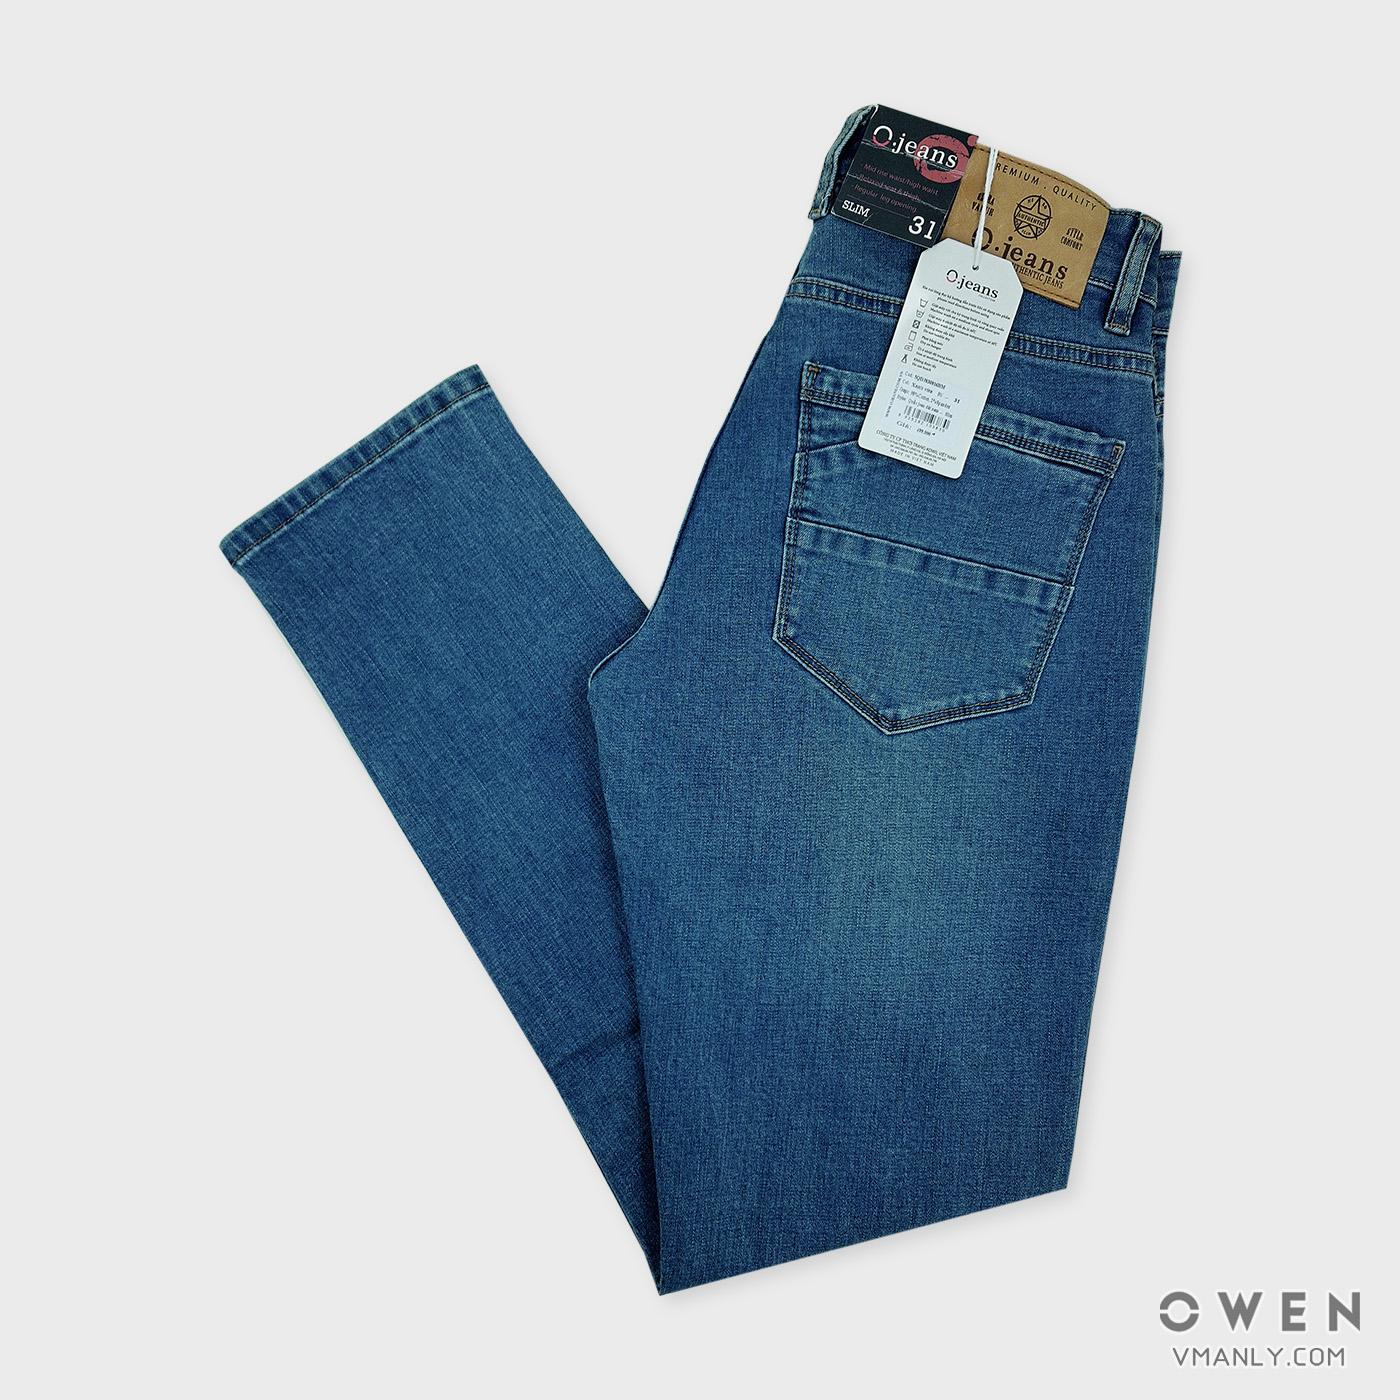 Quần Jeans nam Owen - OJeans ống côn màu xanh nhạt 5QDJ830816BM